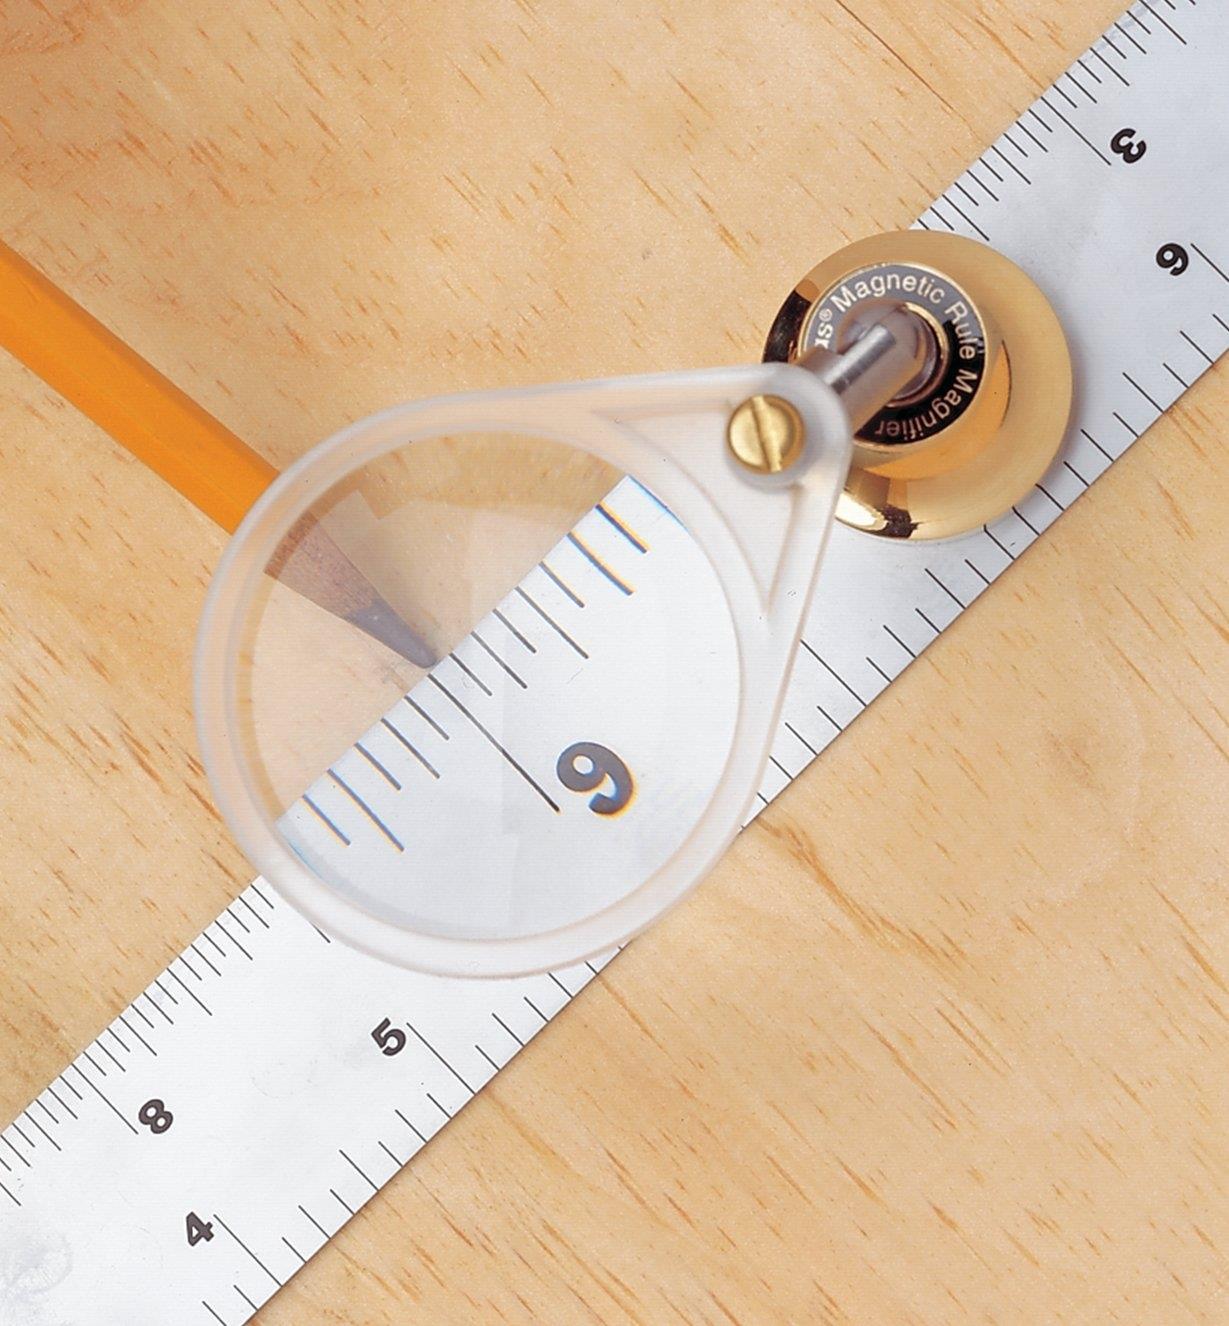 05N5701 - Veritas Rule Magnifier